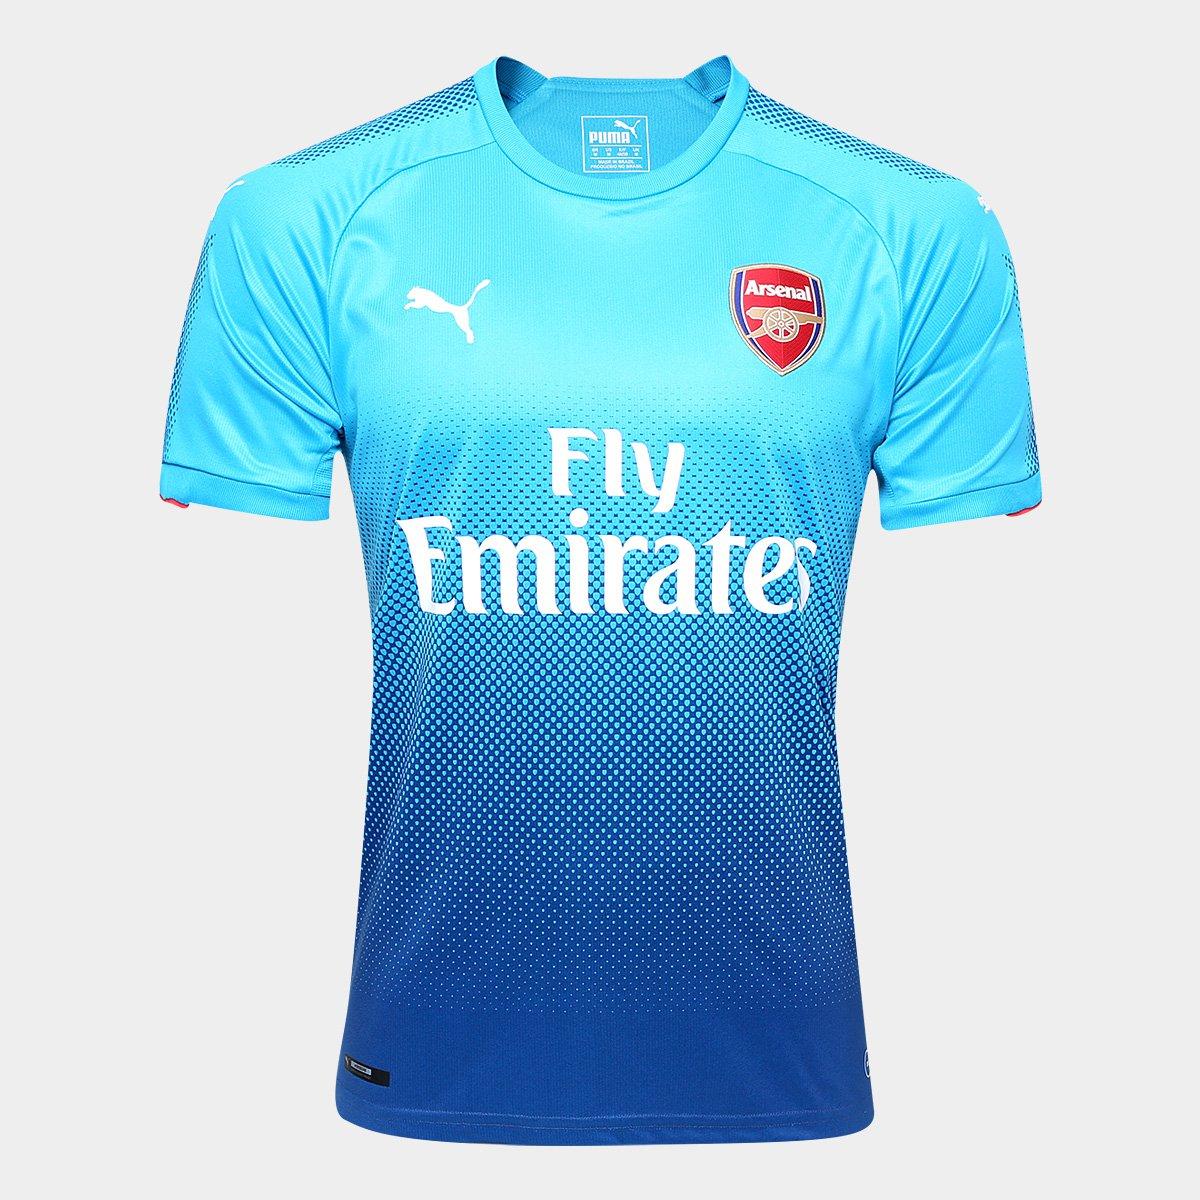 9cde4c126afeb Camisa Arsenal Away 17 18 s n° Torcedor Puma Masculina - Compre Agora